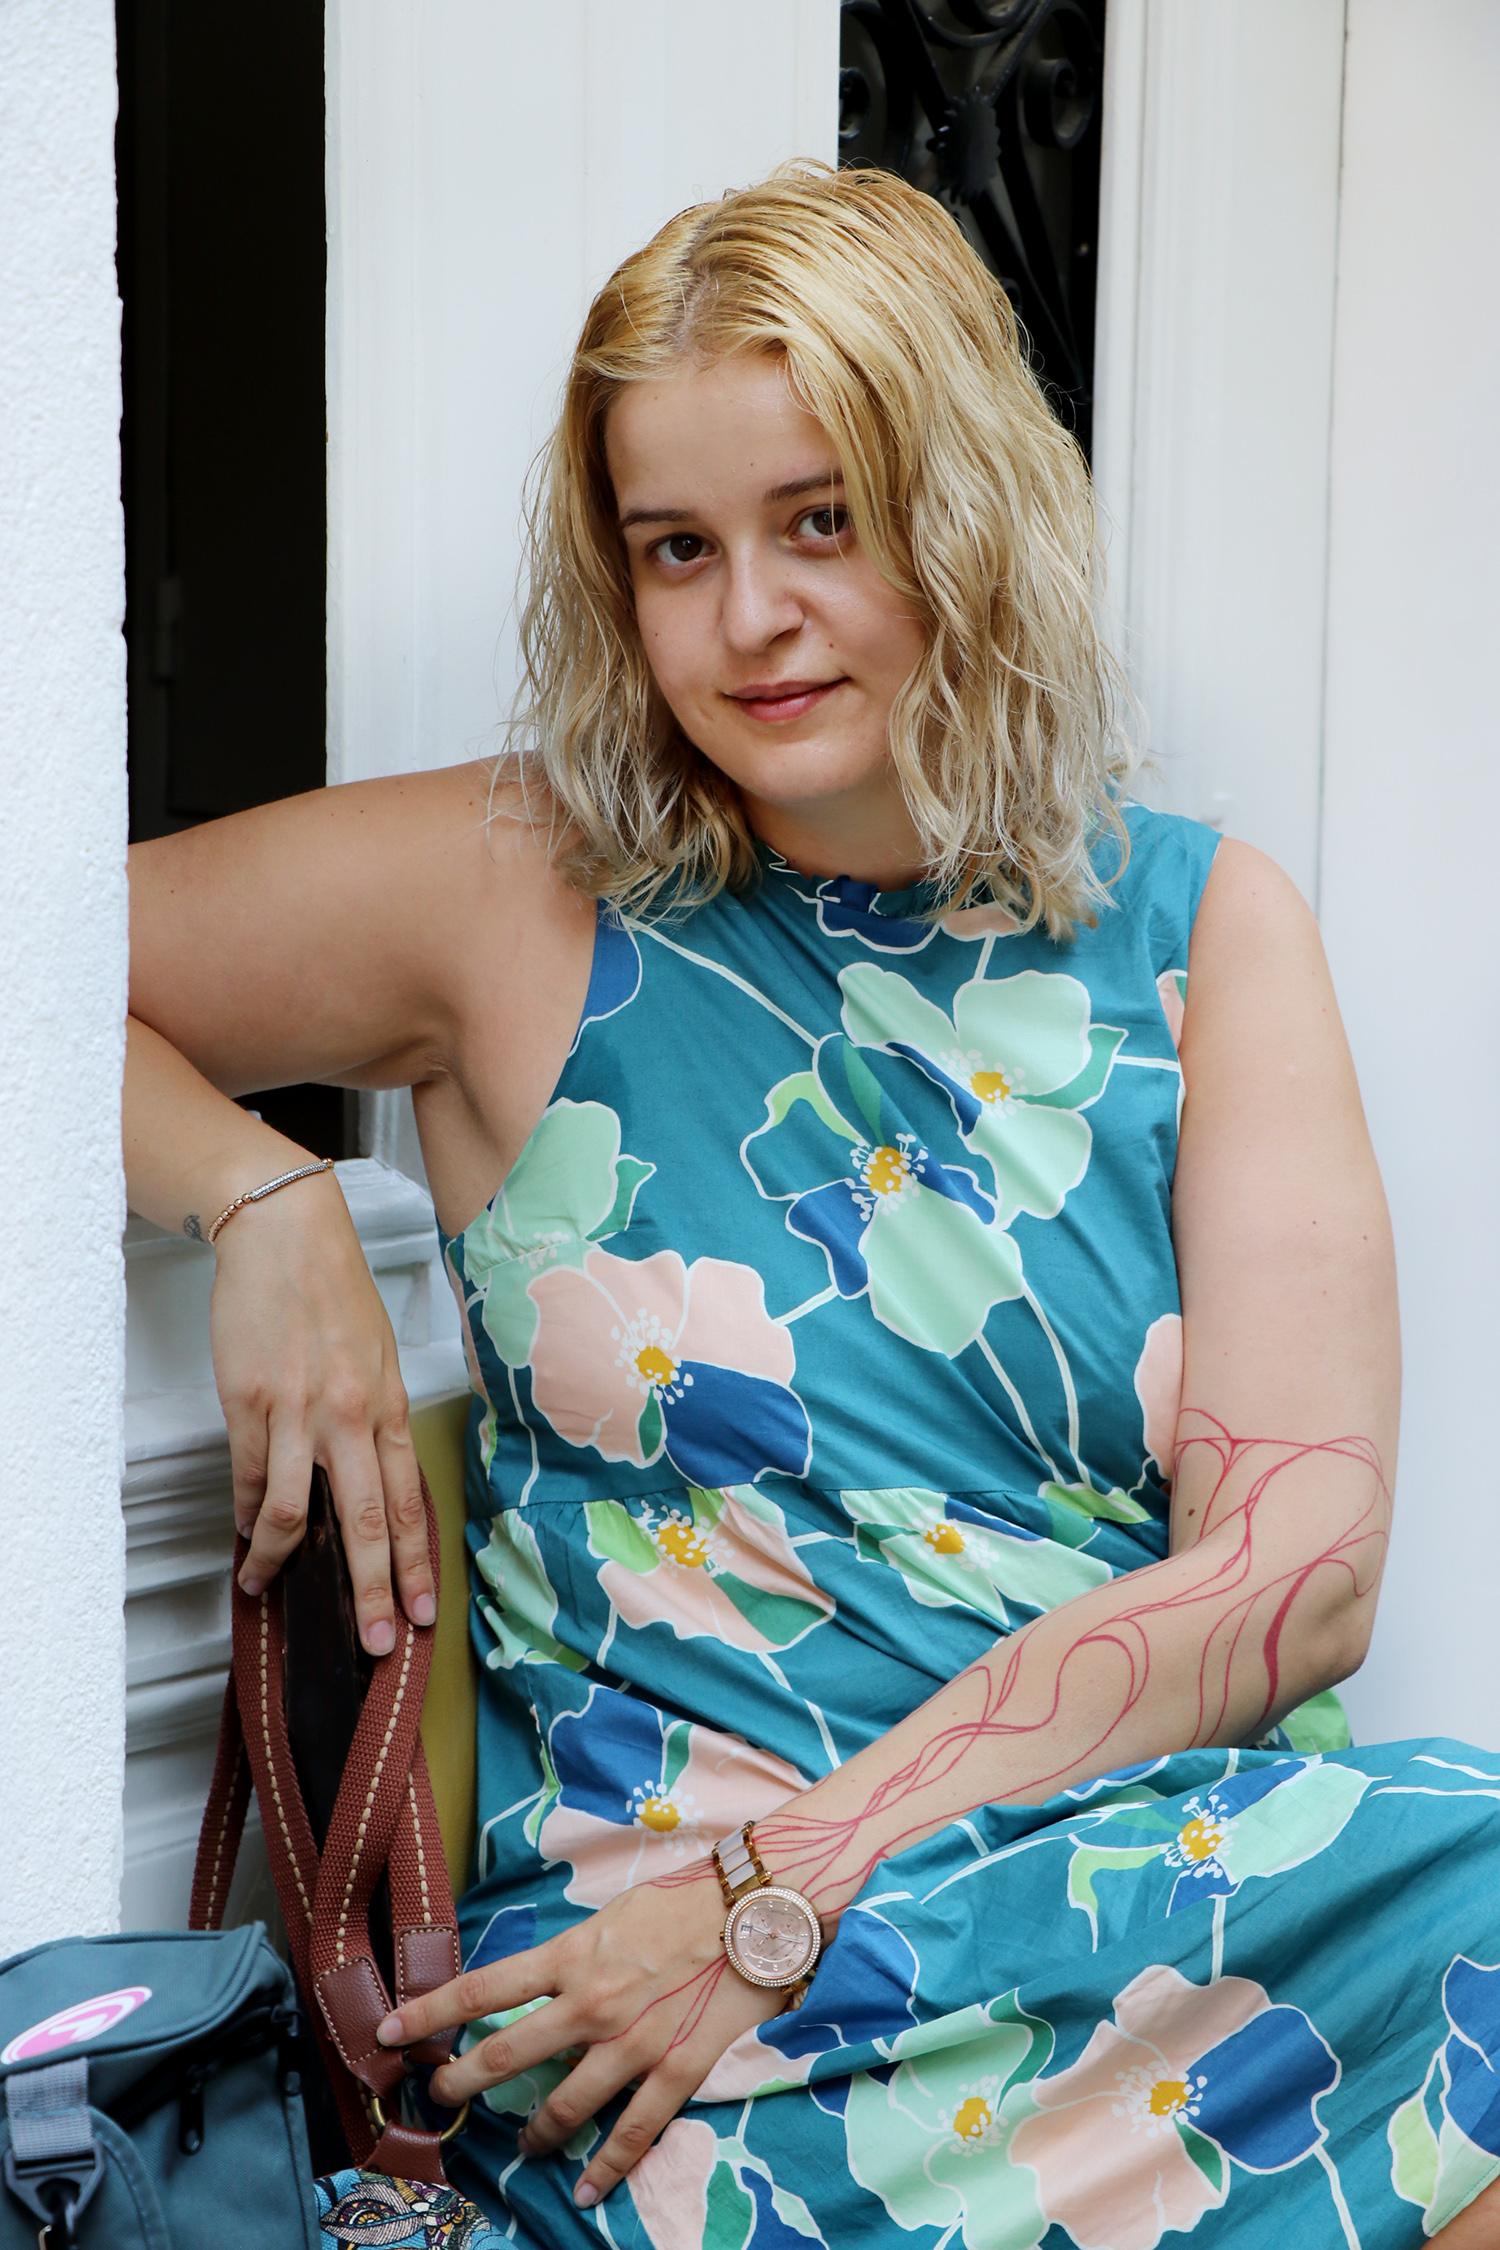 """Даниела Чункукова - артист по душа, чиято кървавочервена линия на съдбата е онагледена с татус върху иначе порцелановобялата й кожа, макар за нас тя да е истинска Жена в черно: """"Ще има хора, които ще се смеят и ще гледат странно, но това не бива да ни кара да спираме да вярваме в себе си."""""""